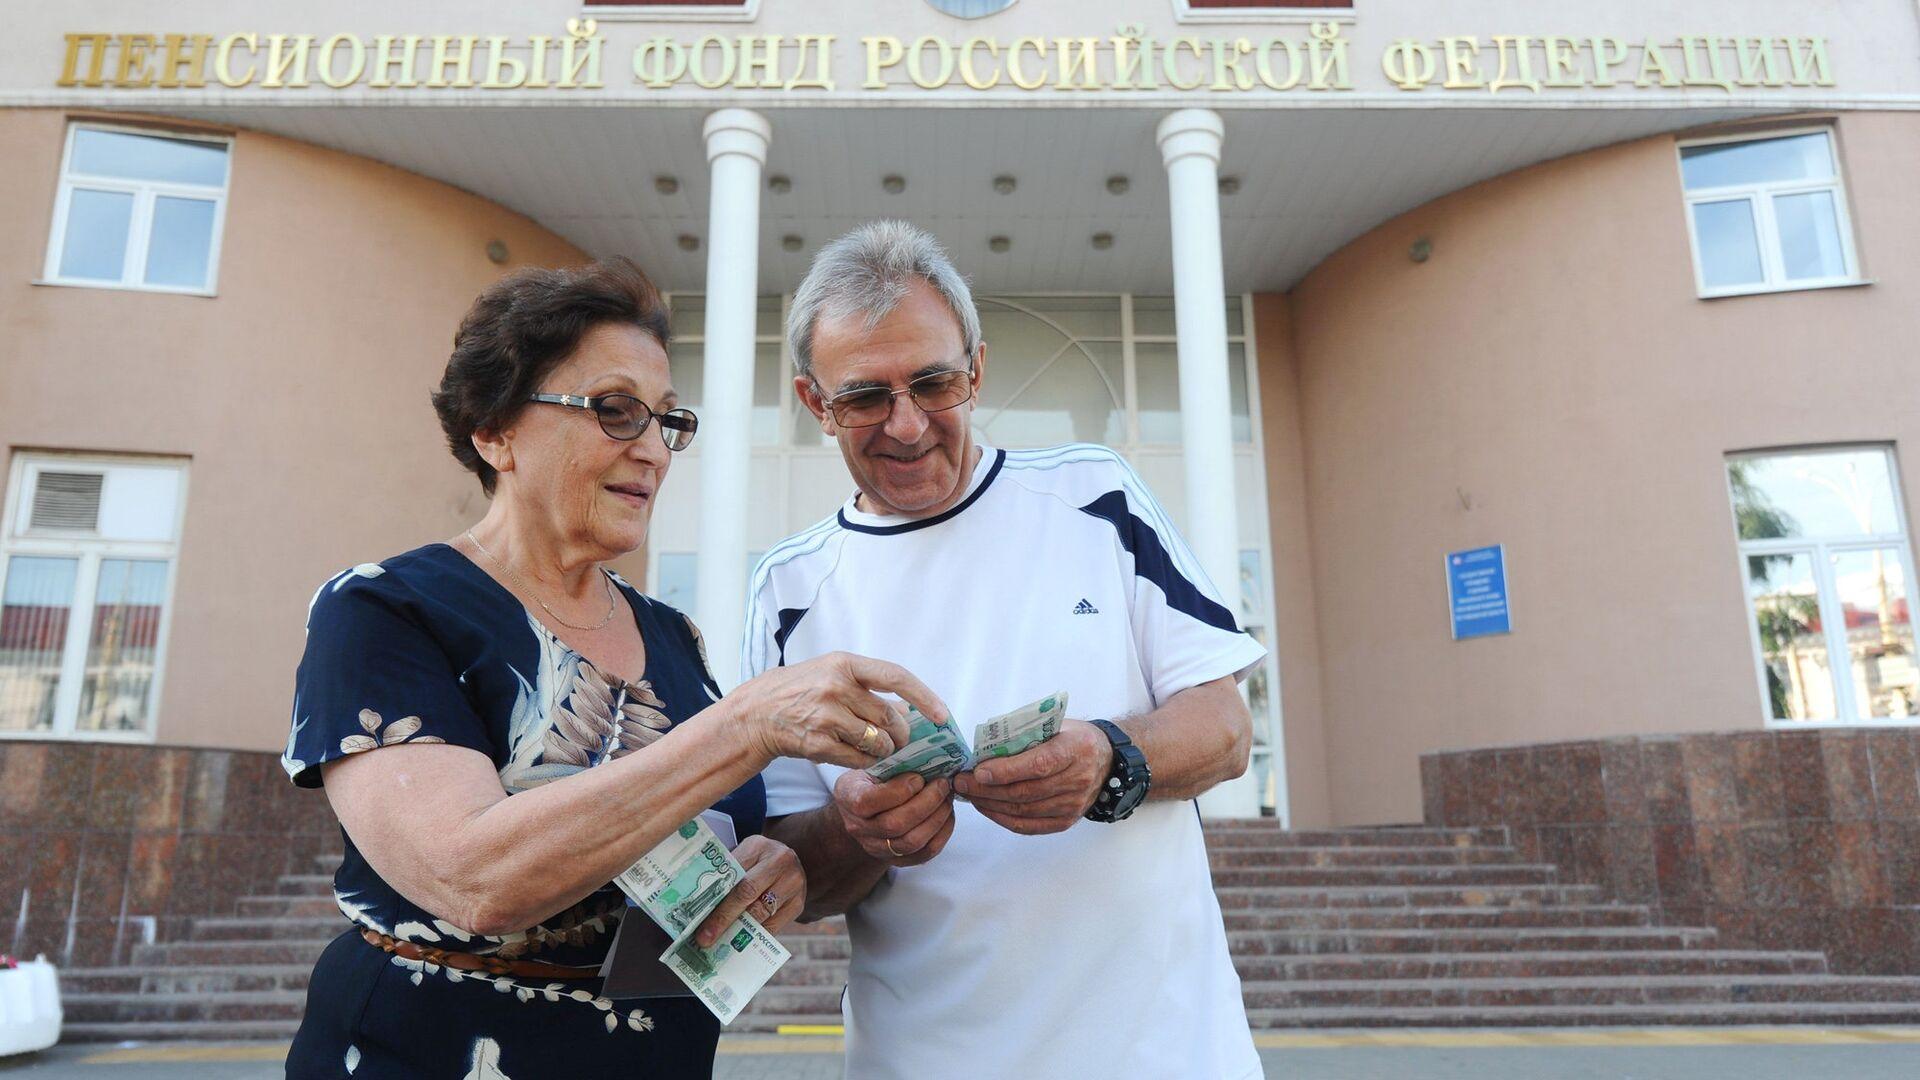 Пенсионеры возле отделения пенсионного фонда России - РИА Новости, 1920, 24.06.2021